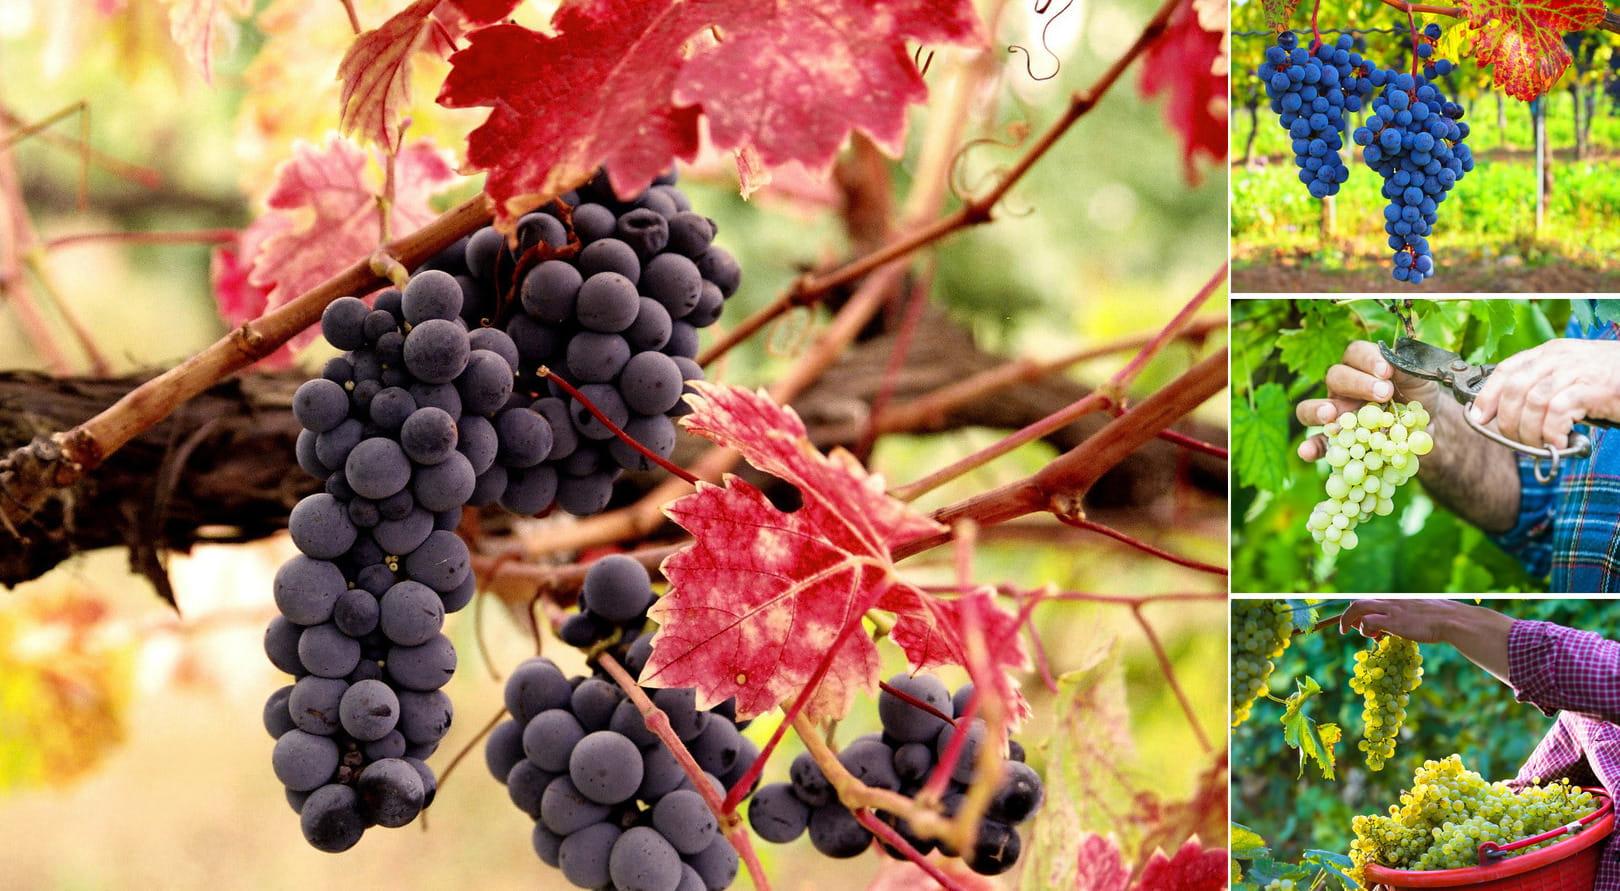 Виноград собирают преимущественно вручную, для сбора плодов на больших плантациях лучше использовать специальный сучкорез